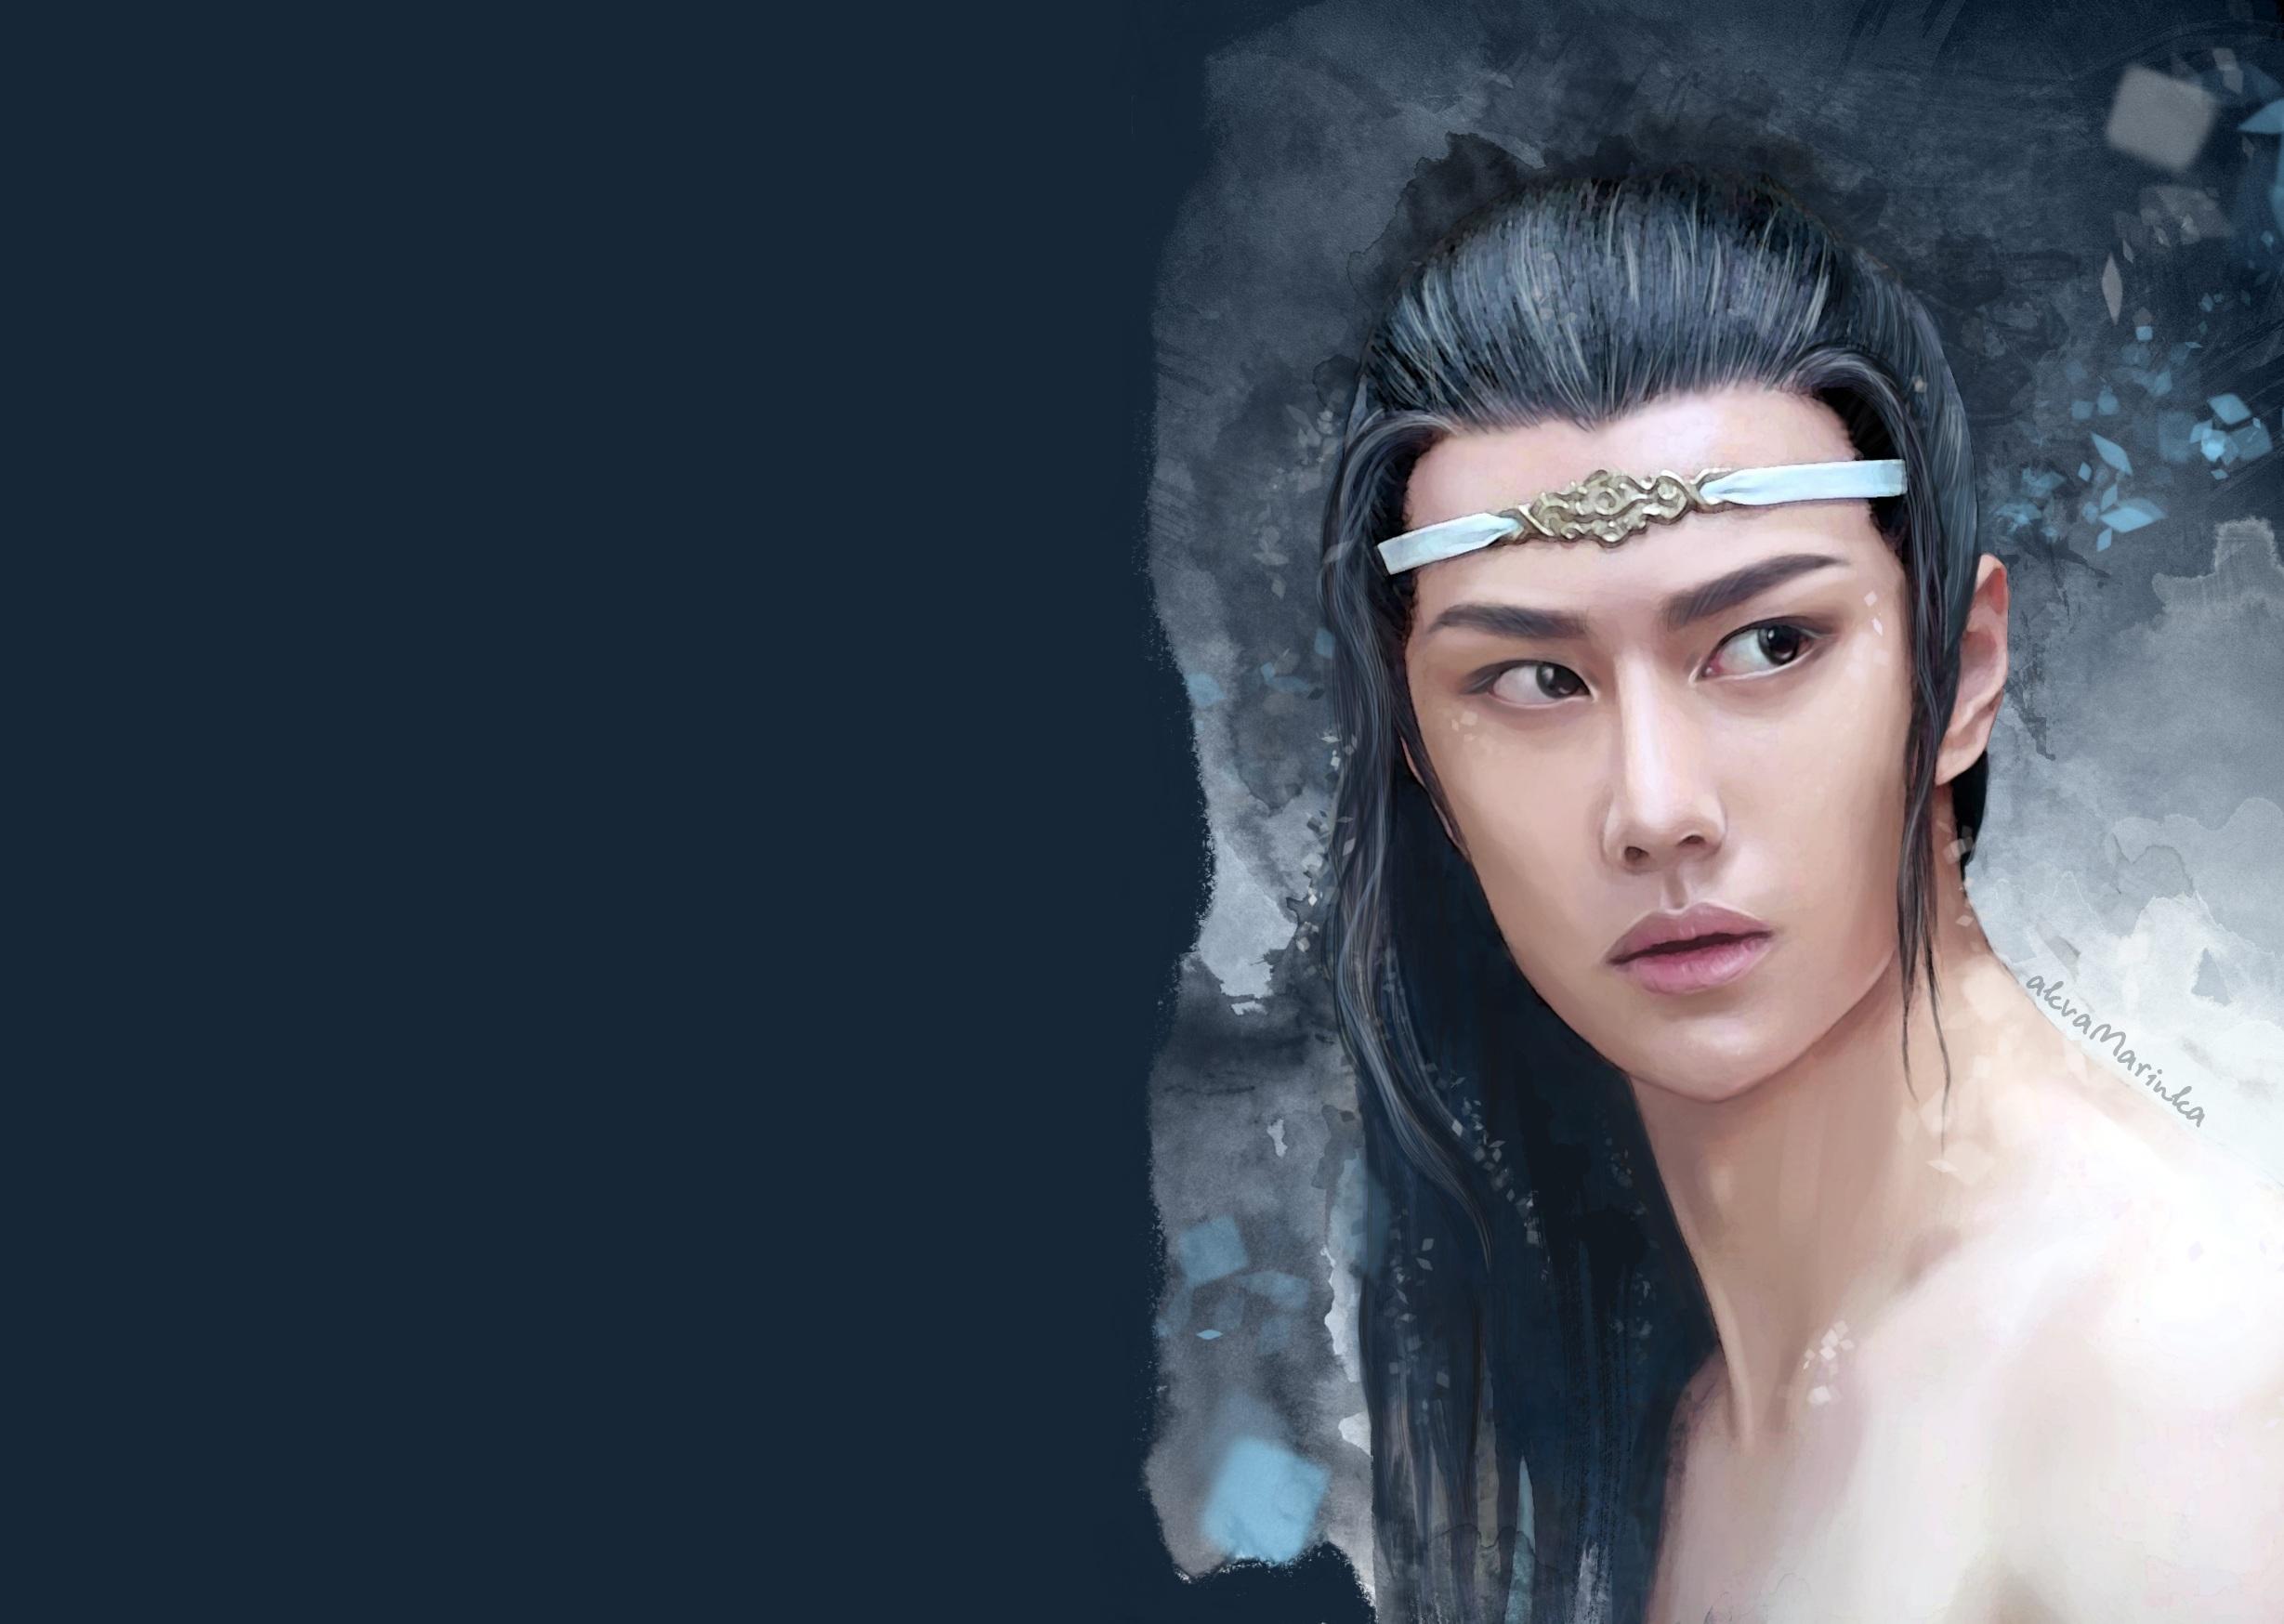 Lan Wangji Lan Zhan Wang Yibo 2458x1748